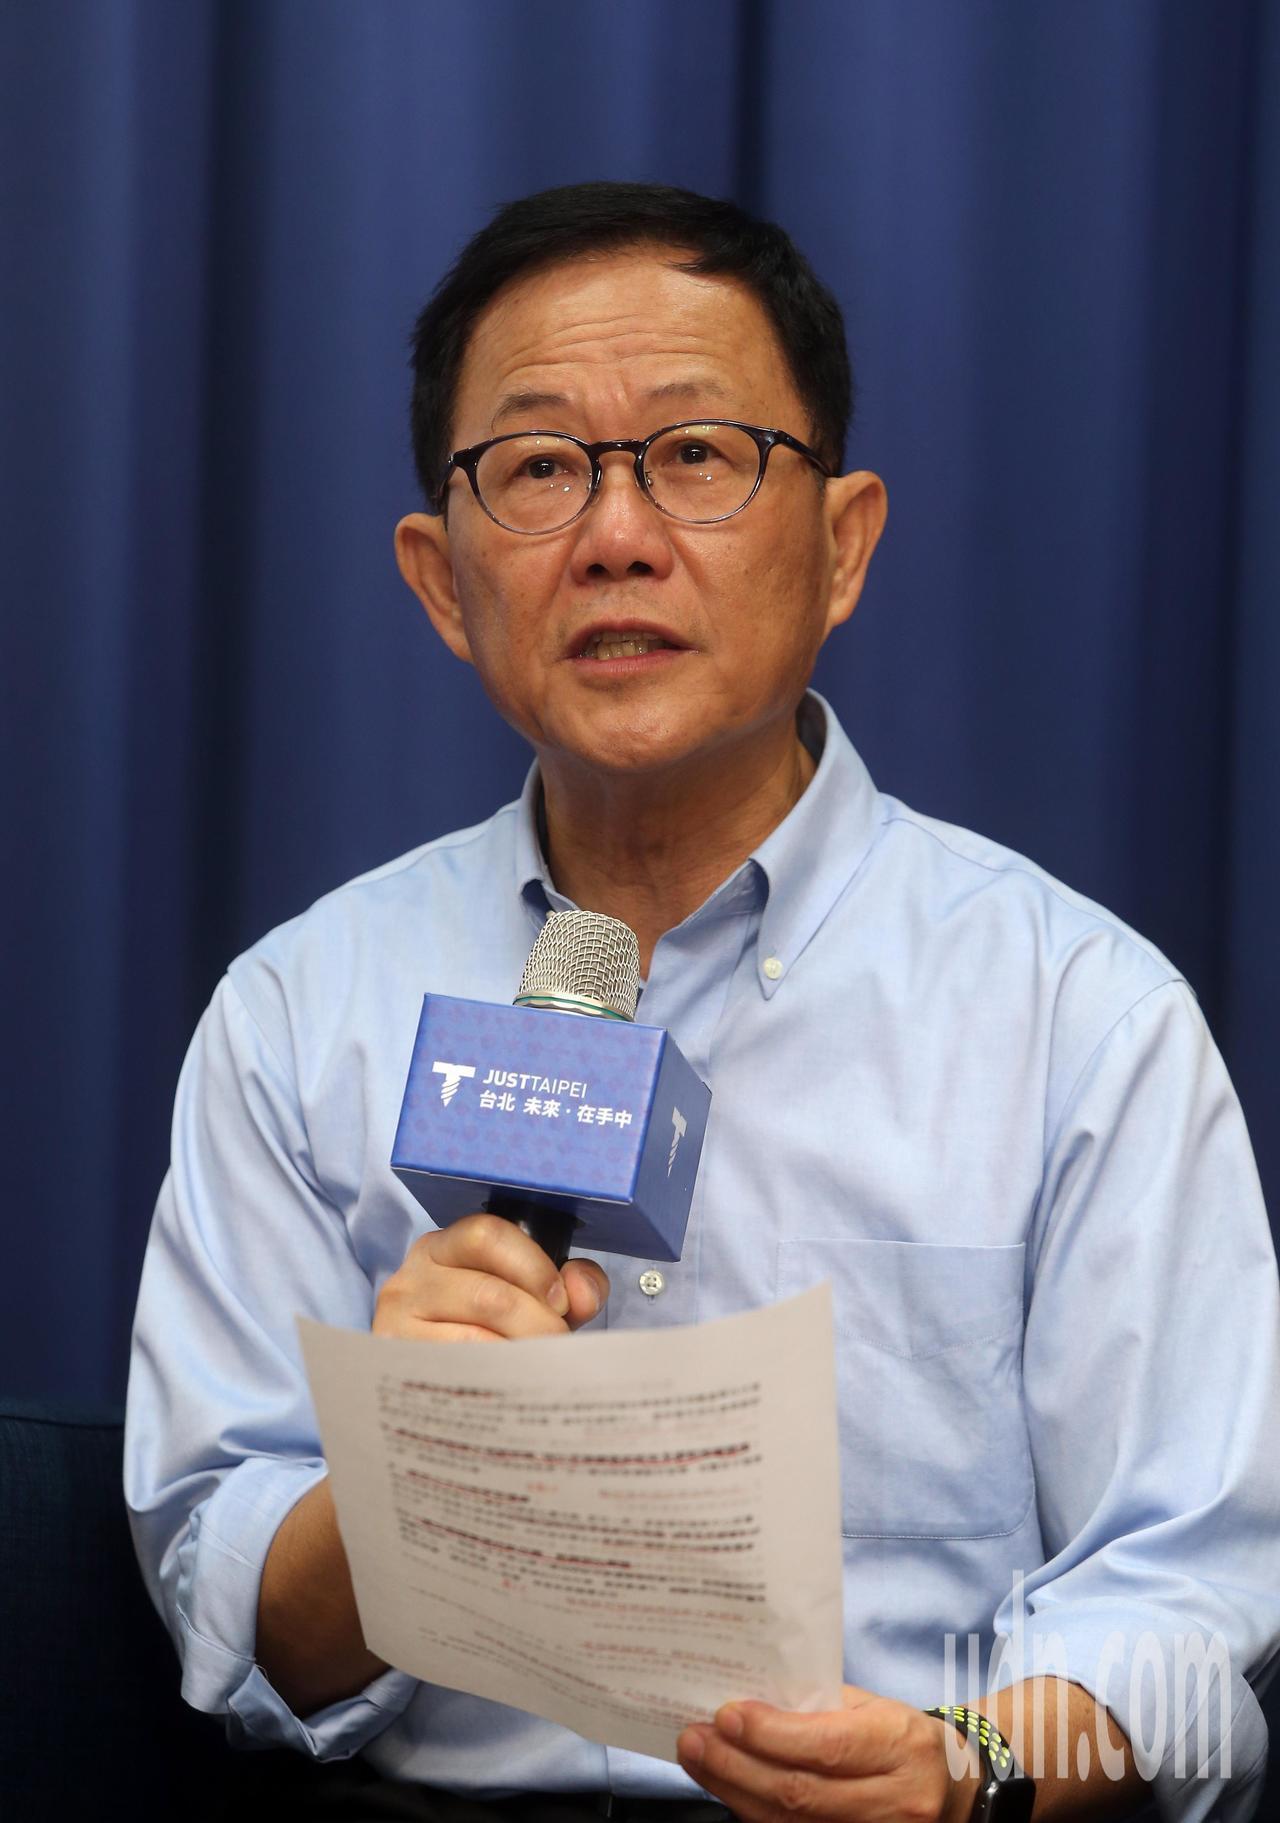 國民黨台北市長參選人丁守中上午舉行教育政策記者會,公布10大教育政策。記者曾吉松...